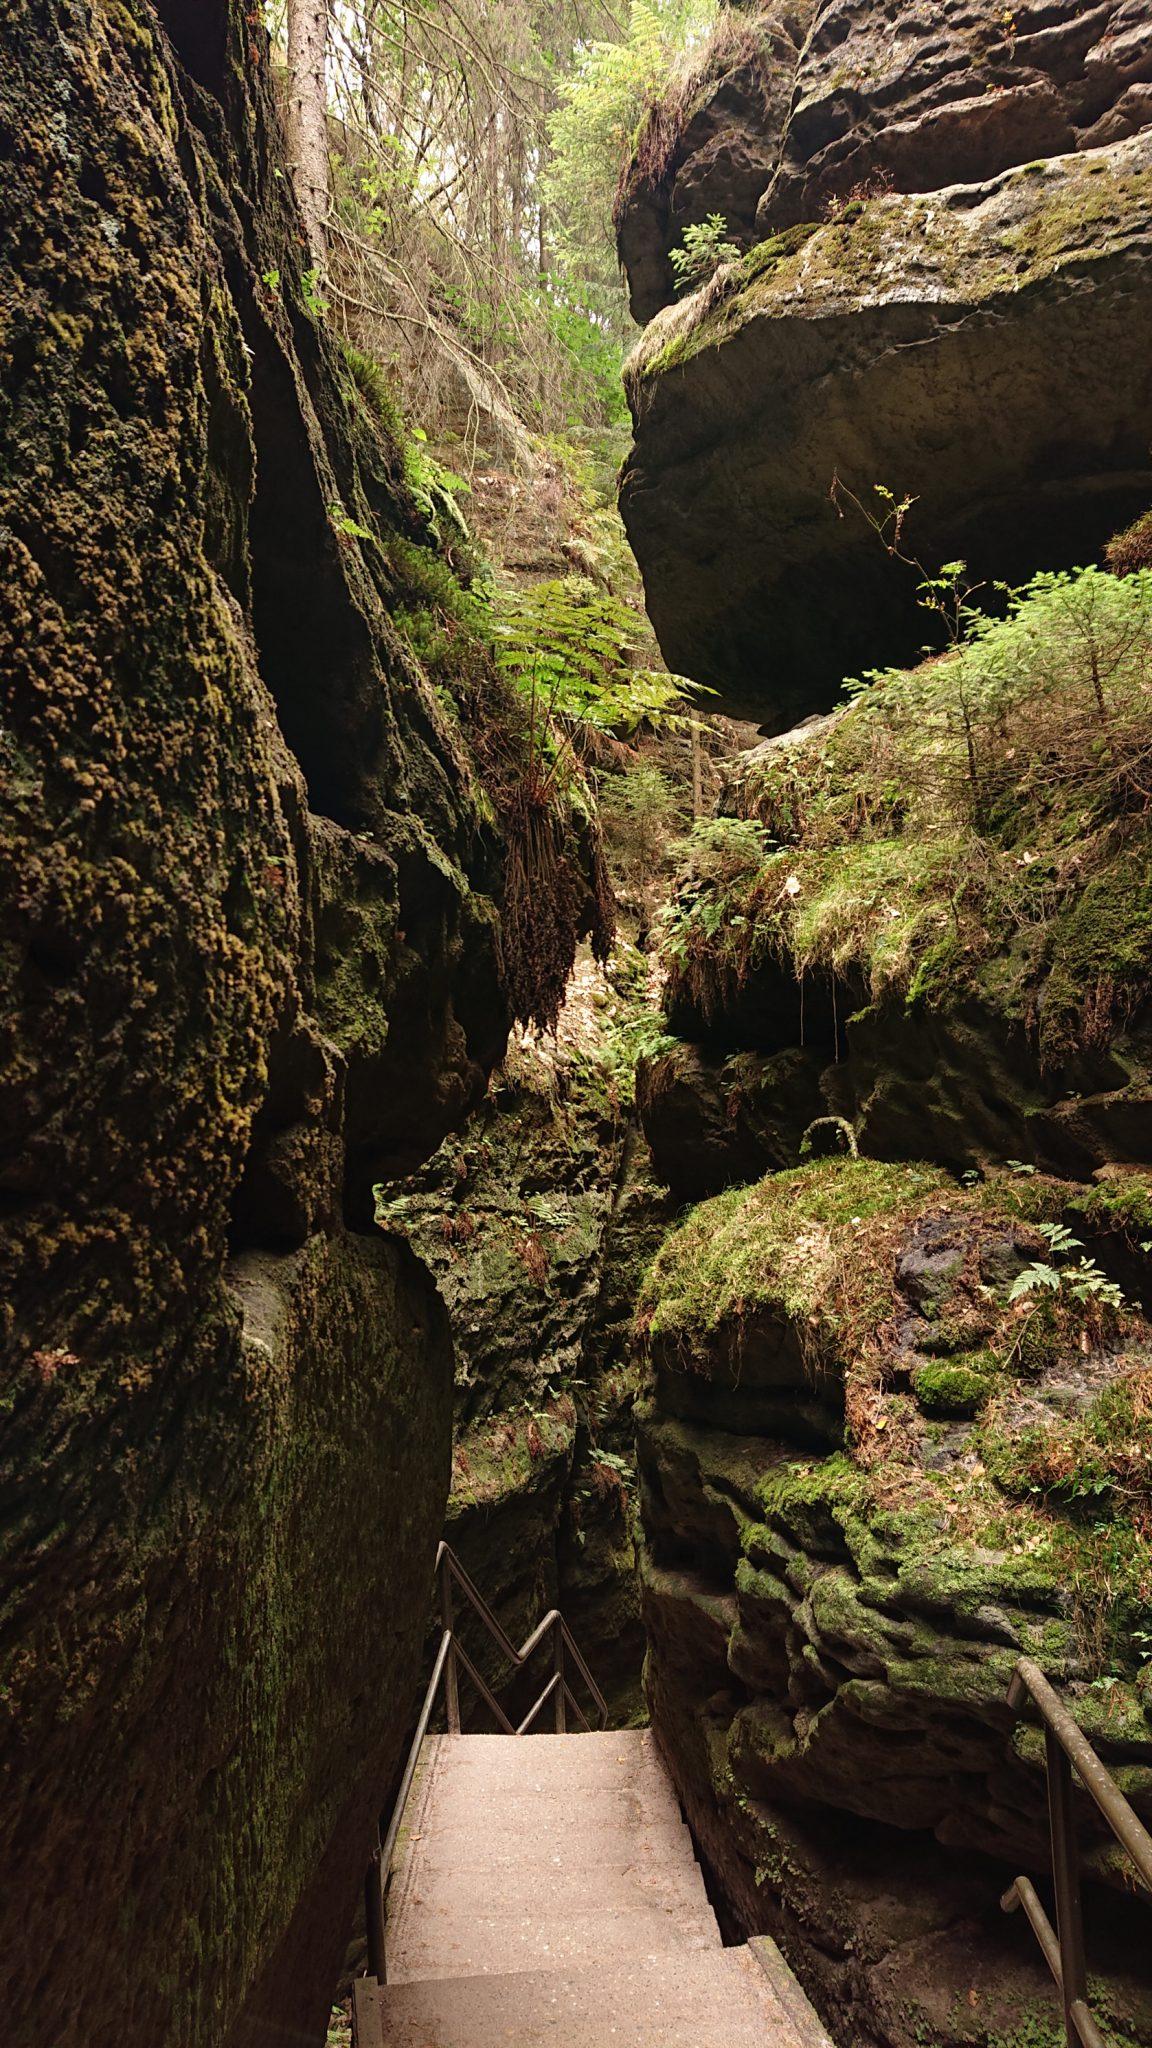 Wanderung durch Polenztal zur Bastei und zu Schwedenlöcher, Wanderweg durch die Schwedenlöcher, schmale Pfade entlang moosbewachsener Felsen, steile und schmale Treppen